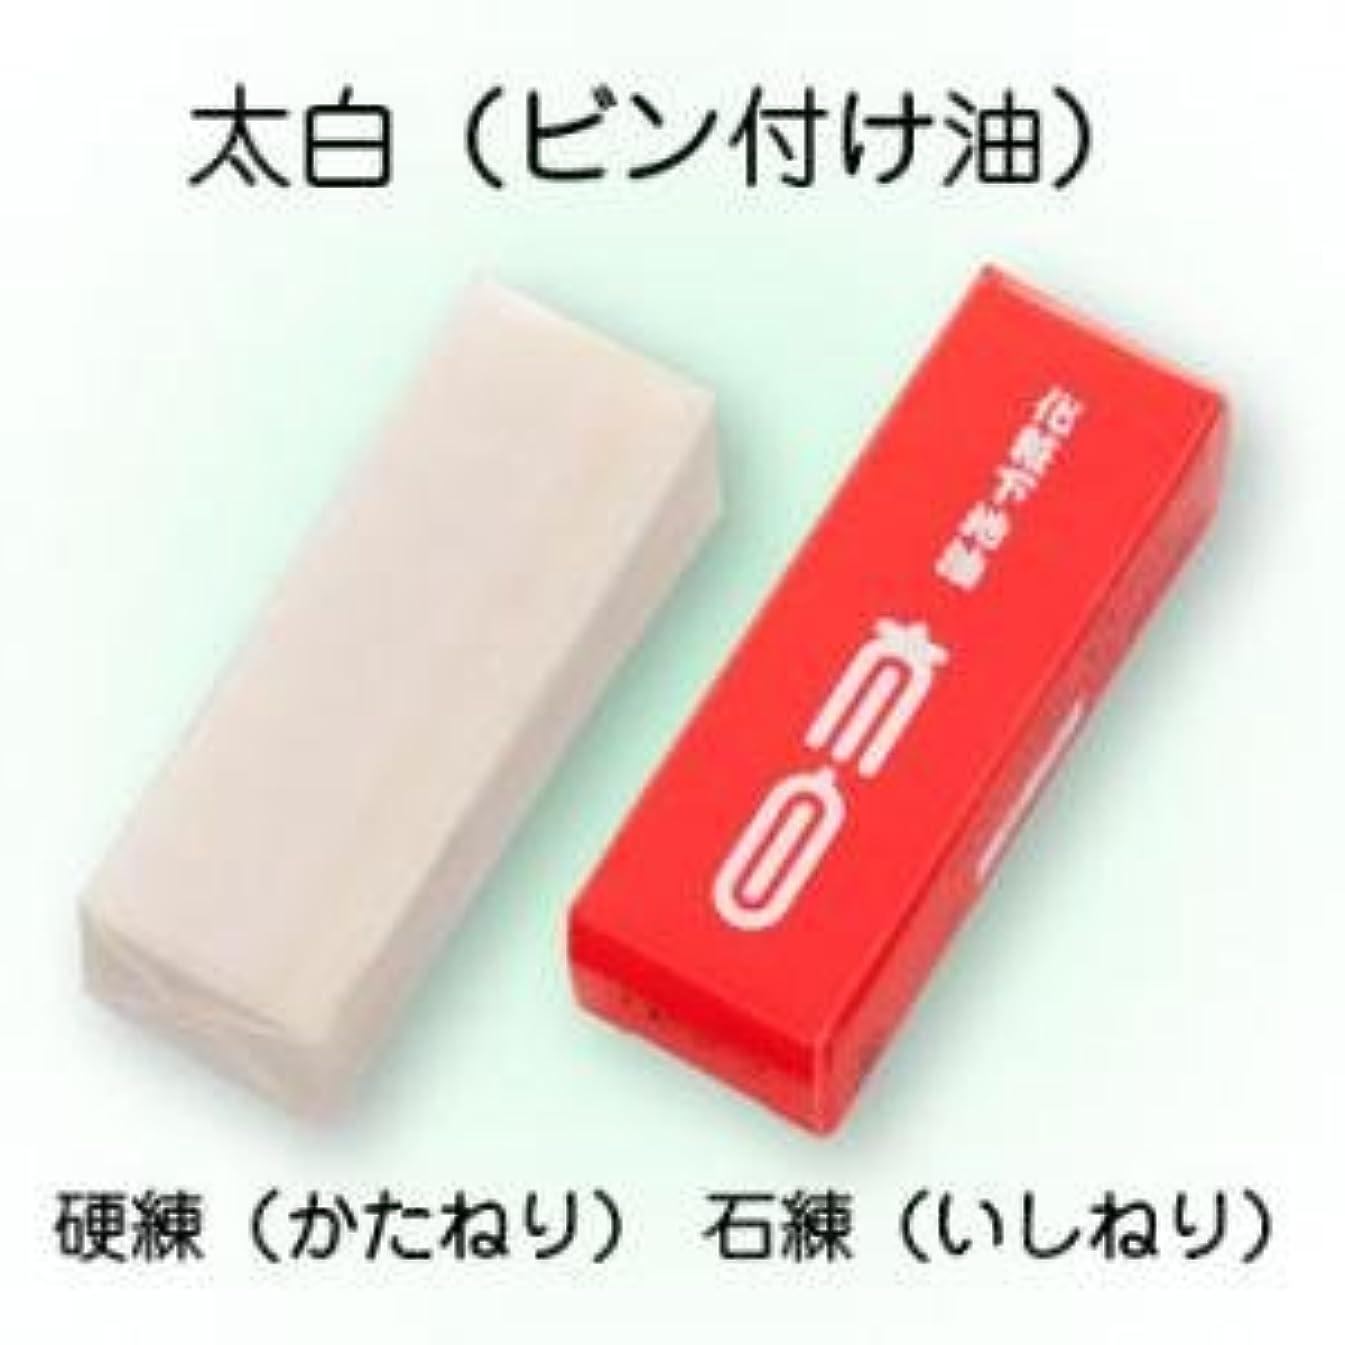 動機付ける相互鉄太白(たいはく)ビン付け油 40g (硬練)【三善】